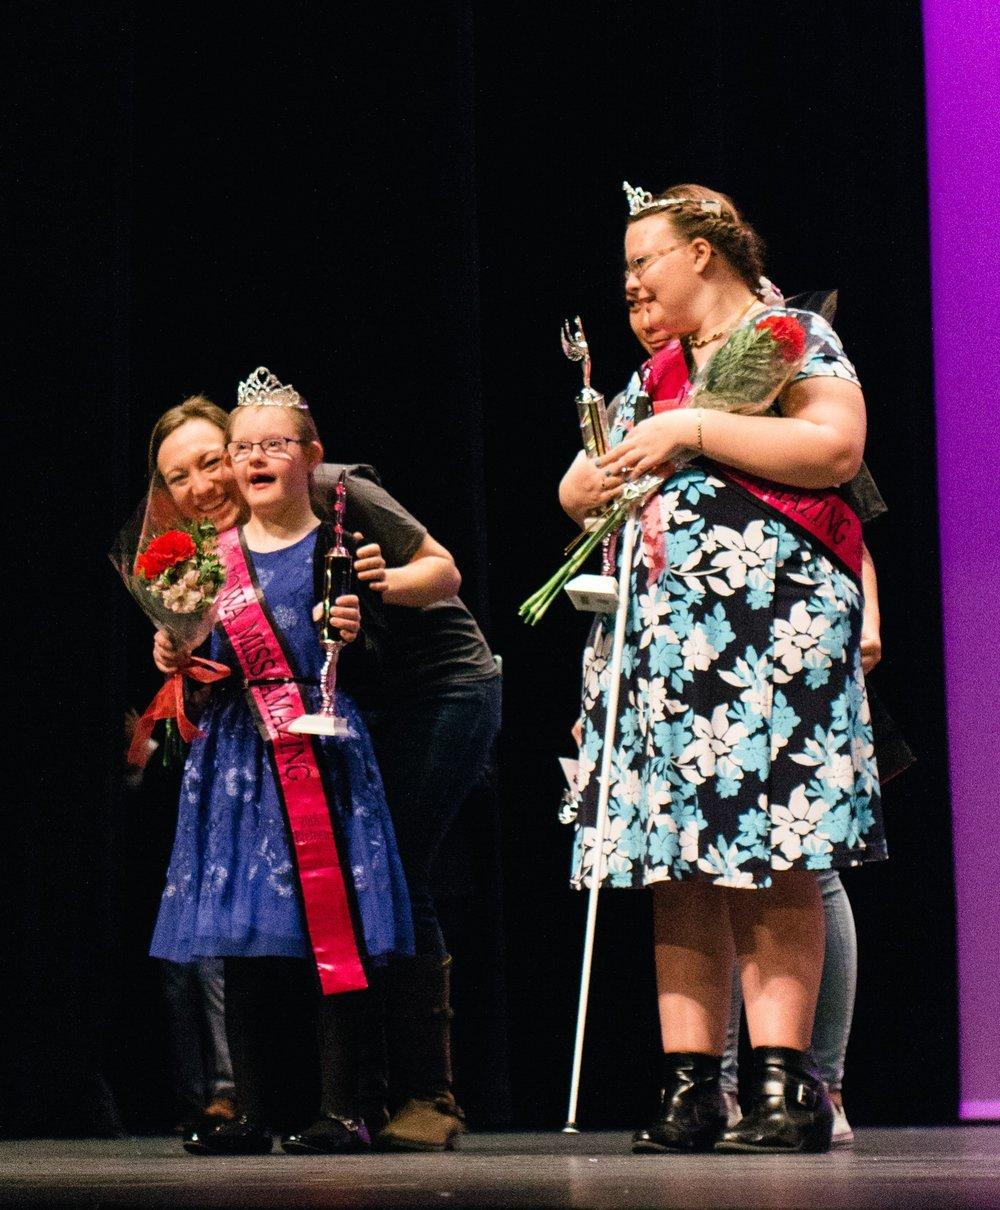 Meet our2018 Queens - Preteen: Sydnee BatesJr. Teen: Deanna BolenTeen: Marissa ChristensenJr. Miss: Cynthia JenningsMiss: Danielle KraayenbrinkSr. Miss: Jessica Woldt